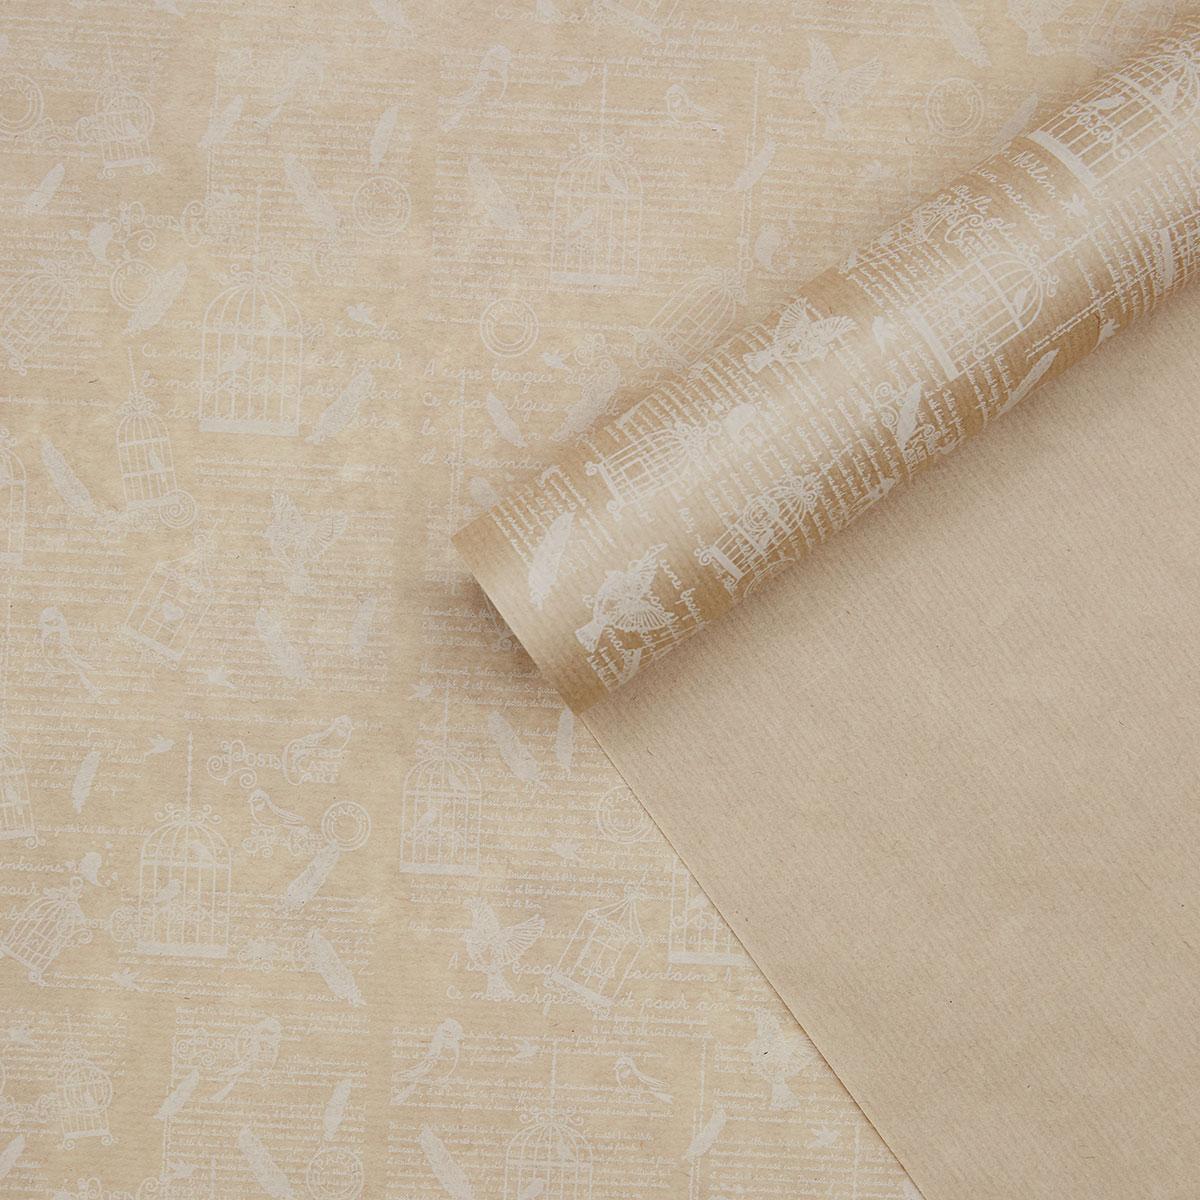 62266 Бумага крафт 40г/м2, 70см*10м Вдохновение, белый